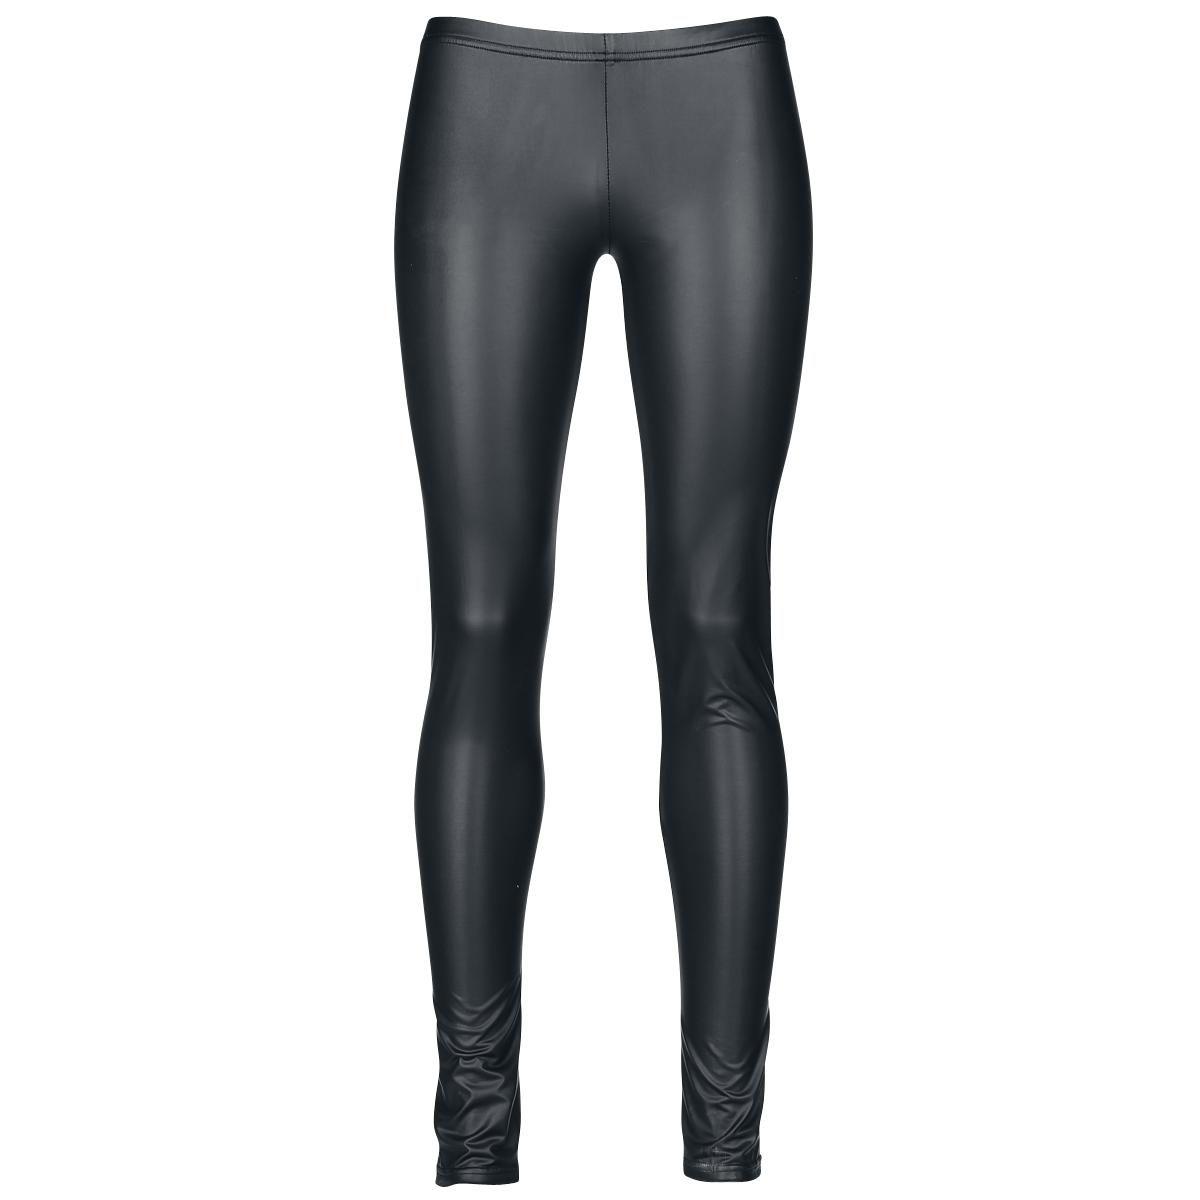 Kuka tarvitsee aitoa nahkaa? Nahkatyyliset leggingsit ovat ehdoton osa perusvaatevarastoa. Ne on helppo laittaa päälle ja näyttävään paitaan tai puseroon yhdistettynä legginsit sopivat joka tilanteeseen.